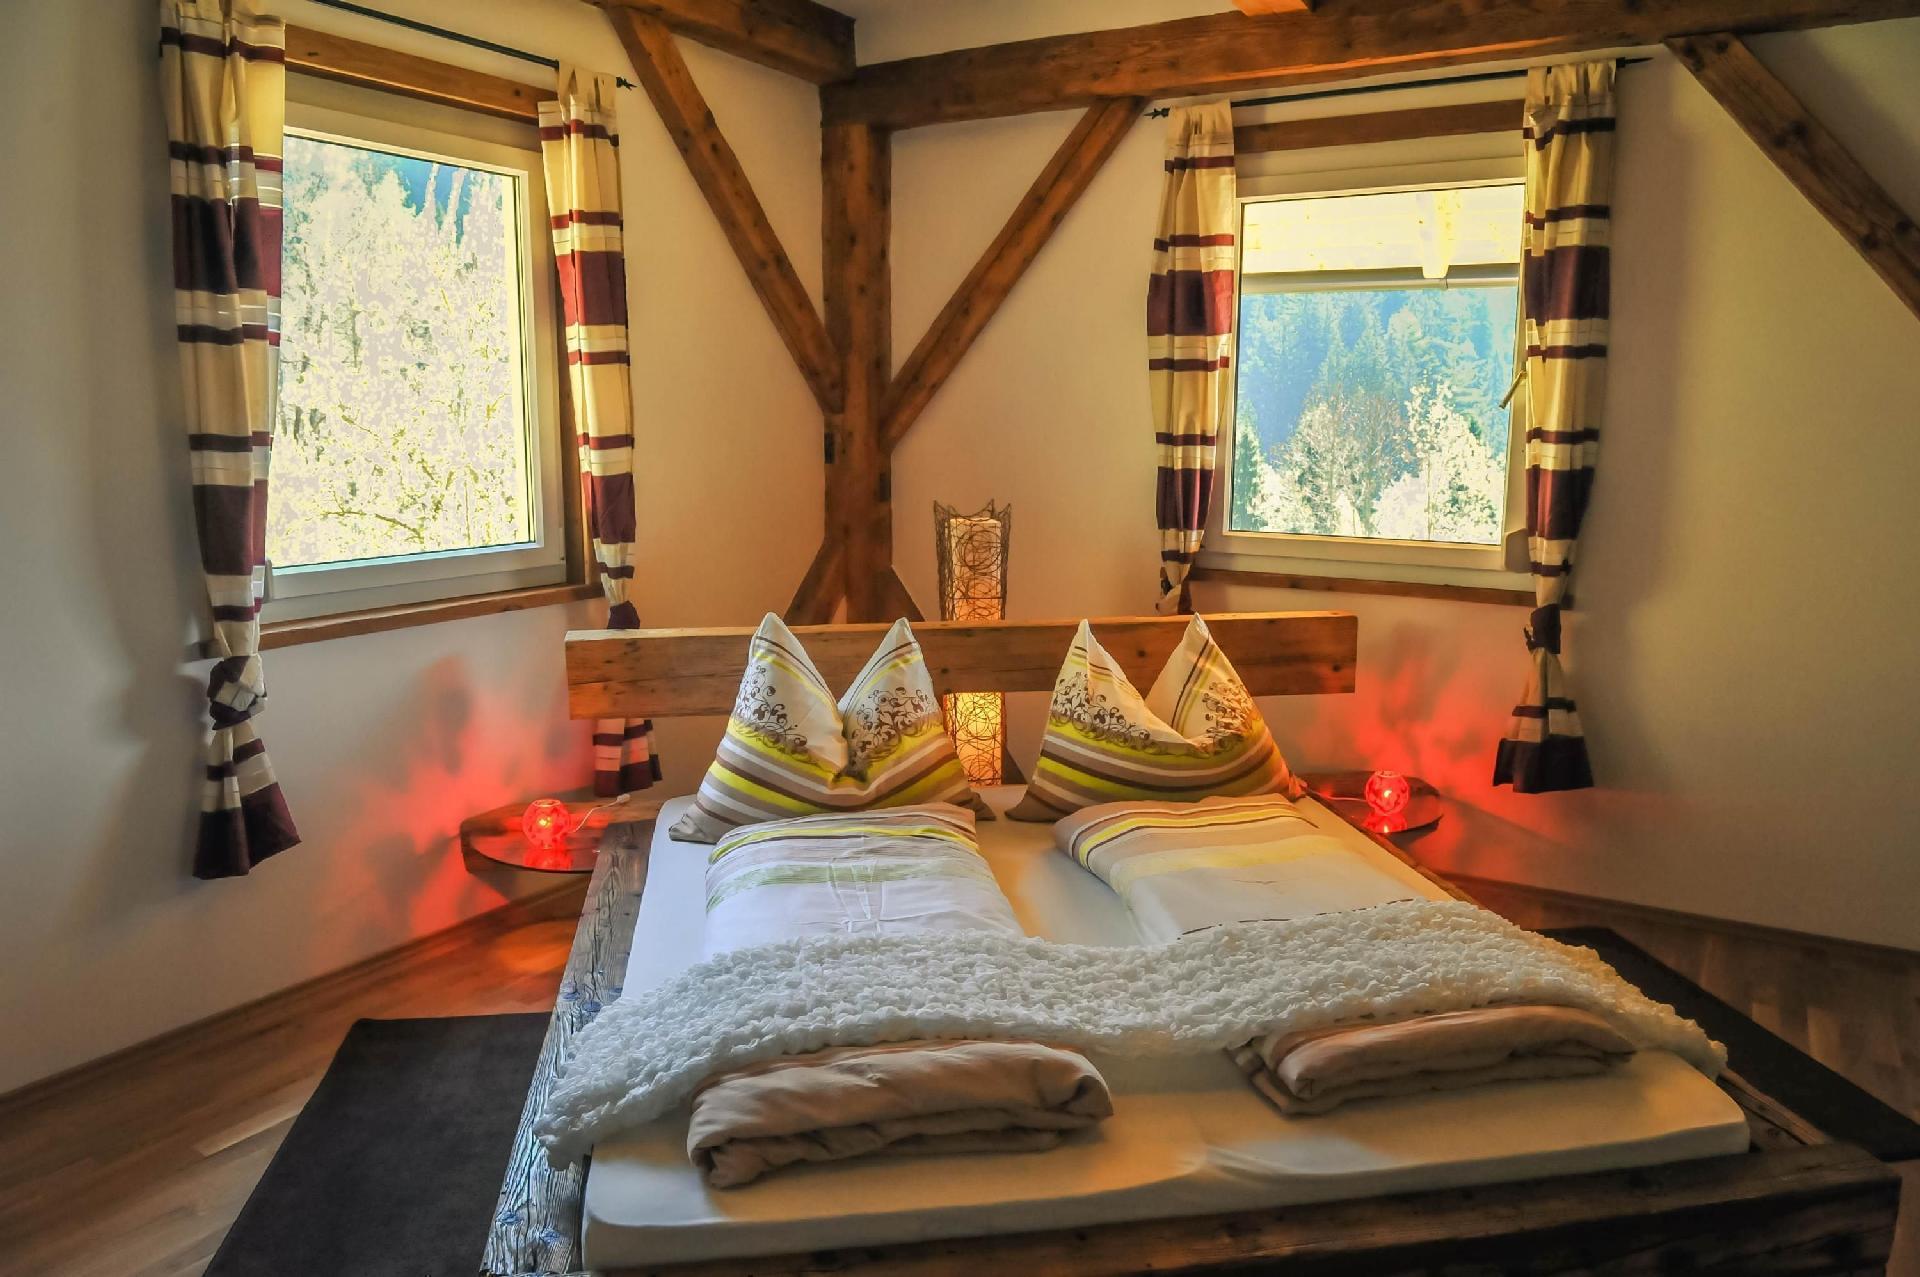 Ferienhaus für 5 Personen ca. 112 m² in   in Österreich